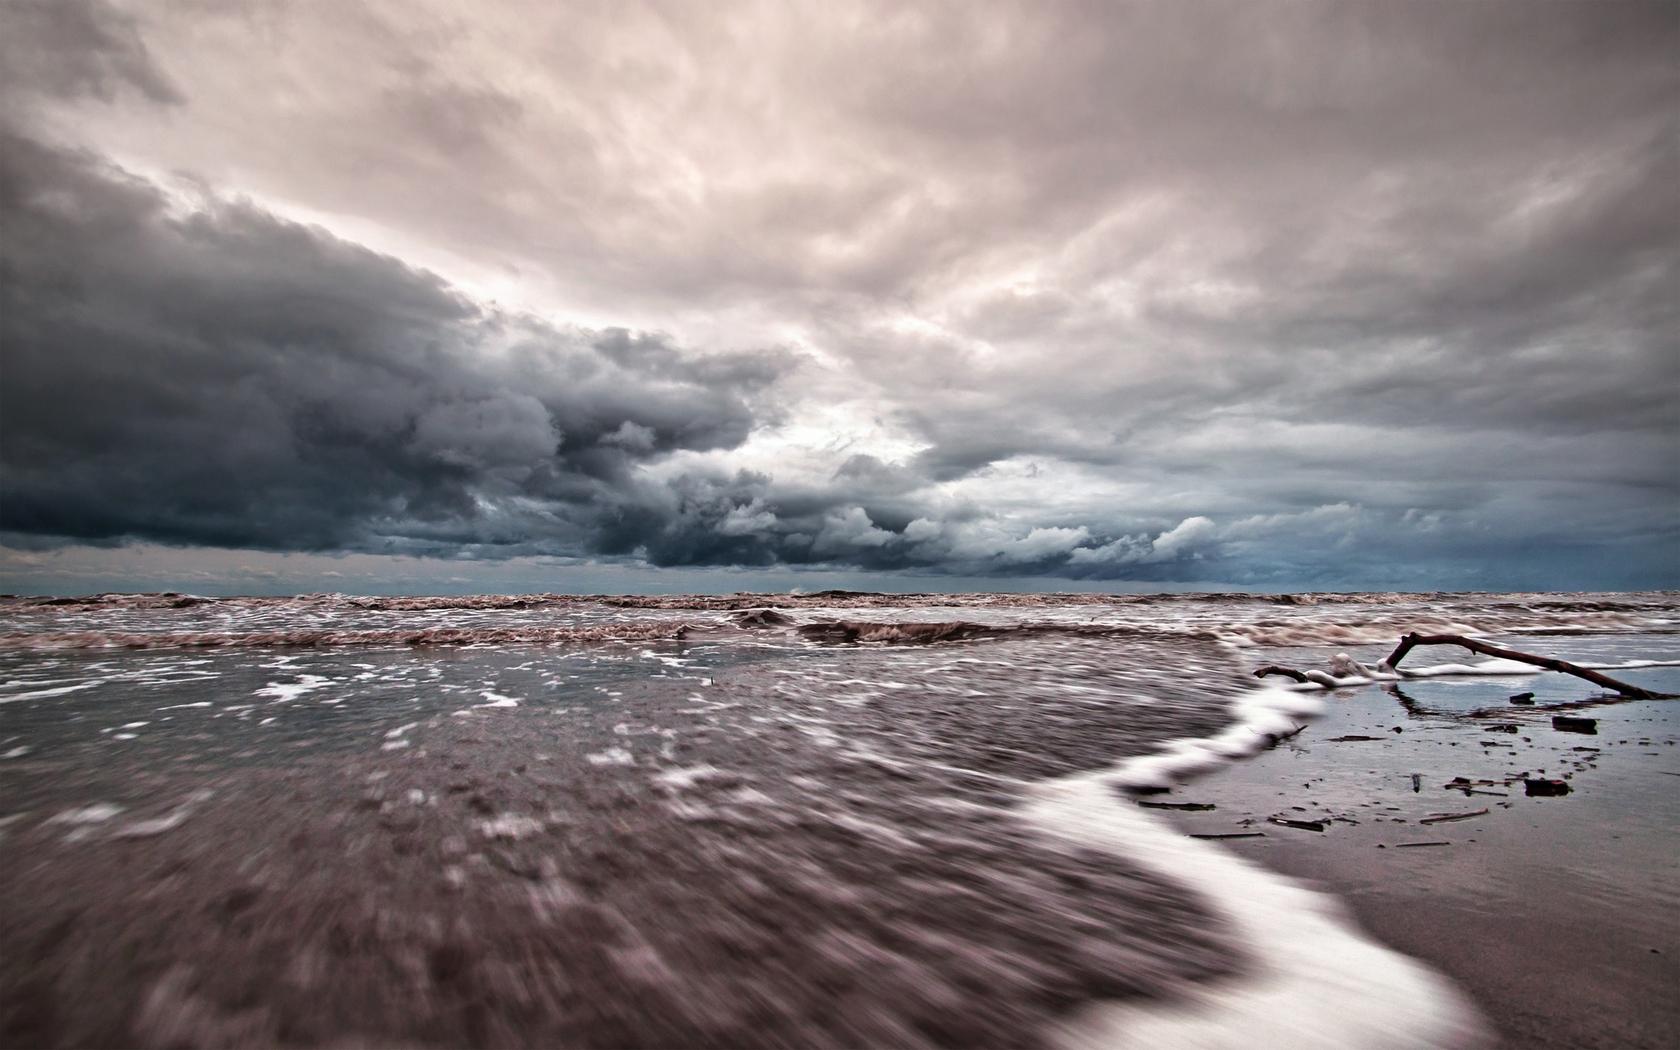 море с плохой погодой картинка объясняется особенностью